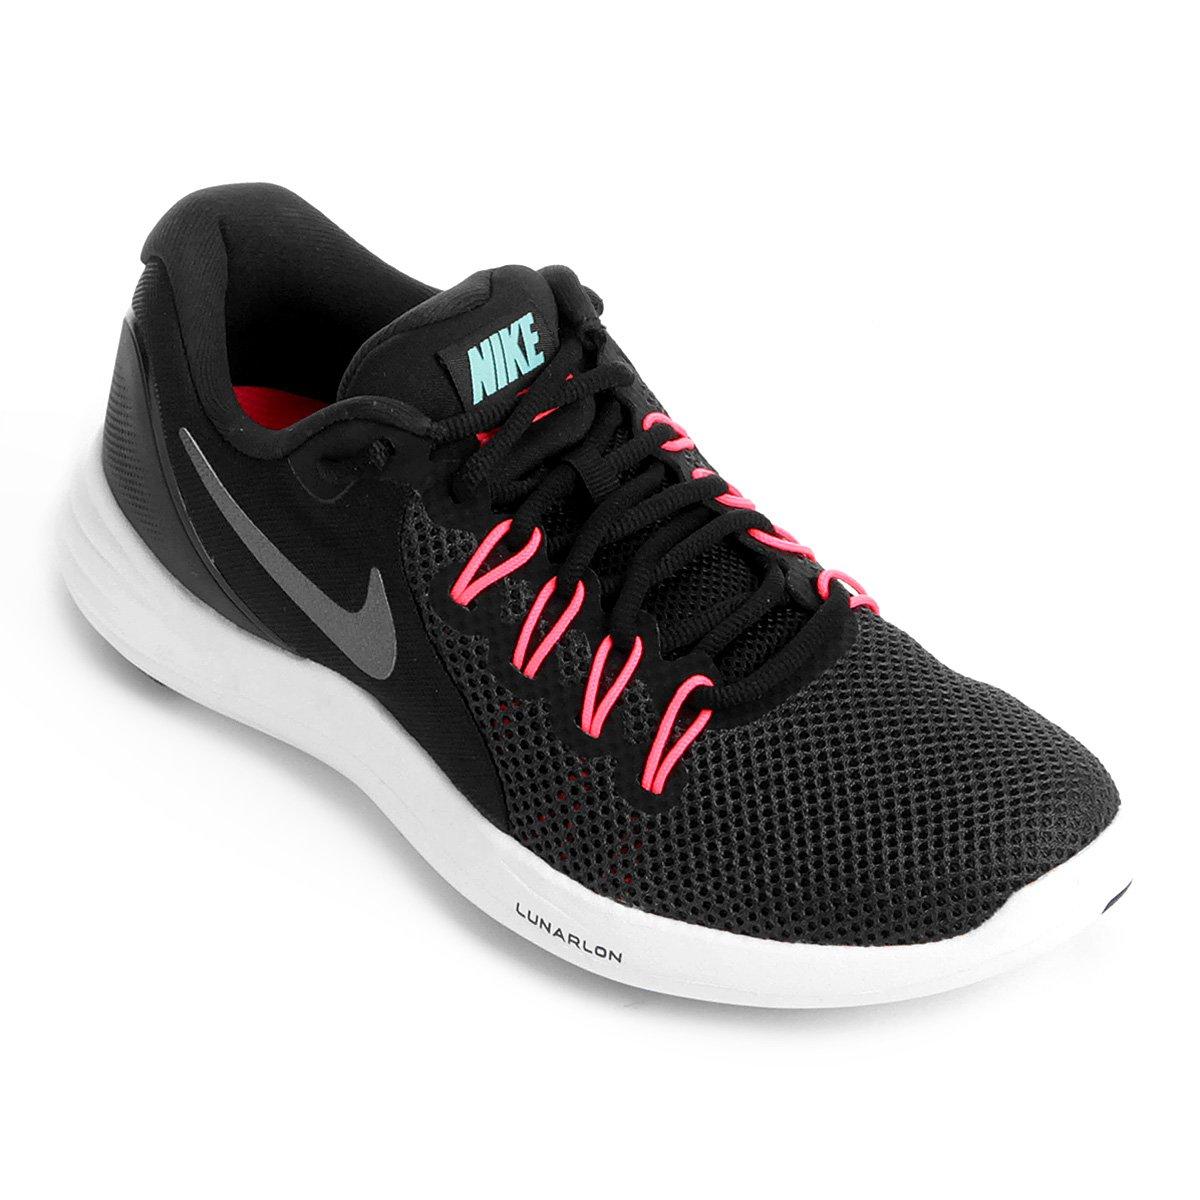 Tênis Nike Lunar Apparent Feminino Preto e Cinza